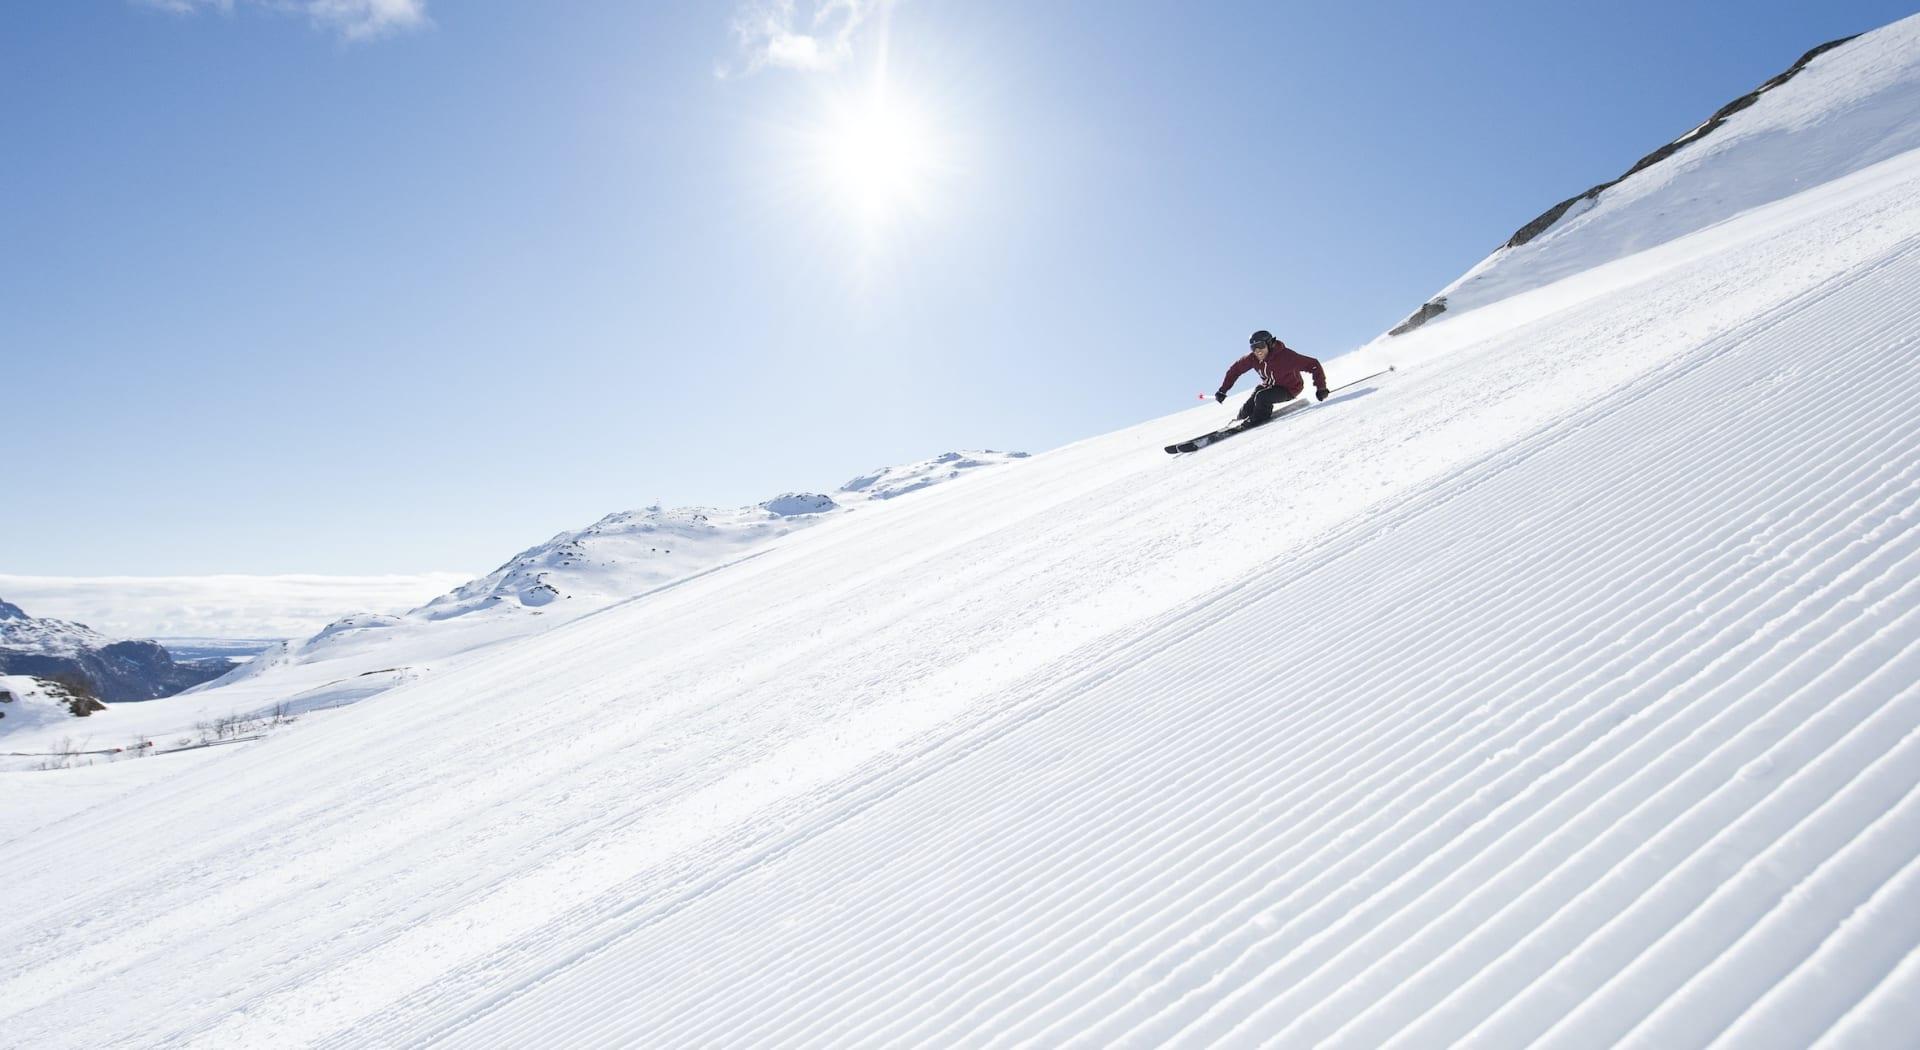 Ola Mattson/SkiStar